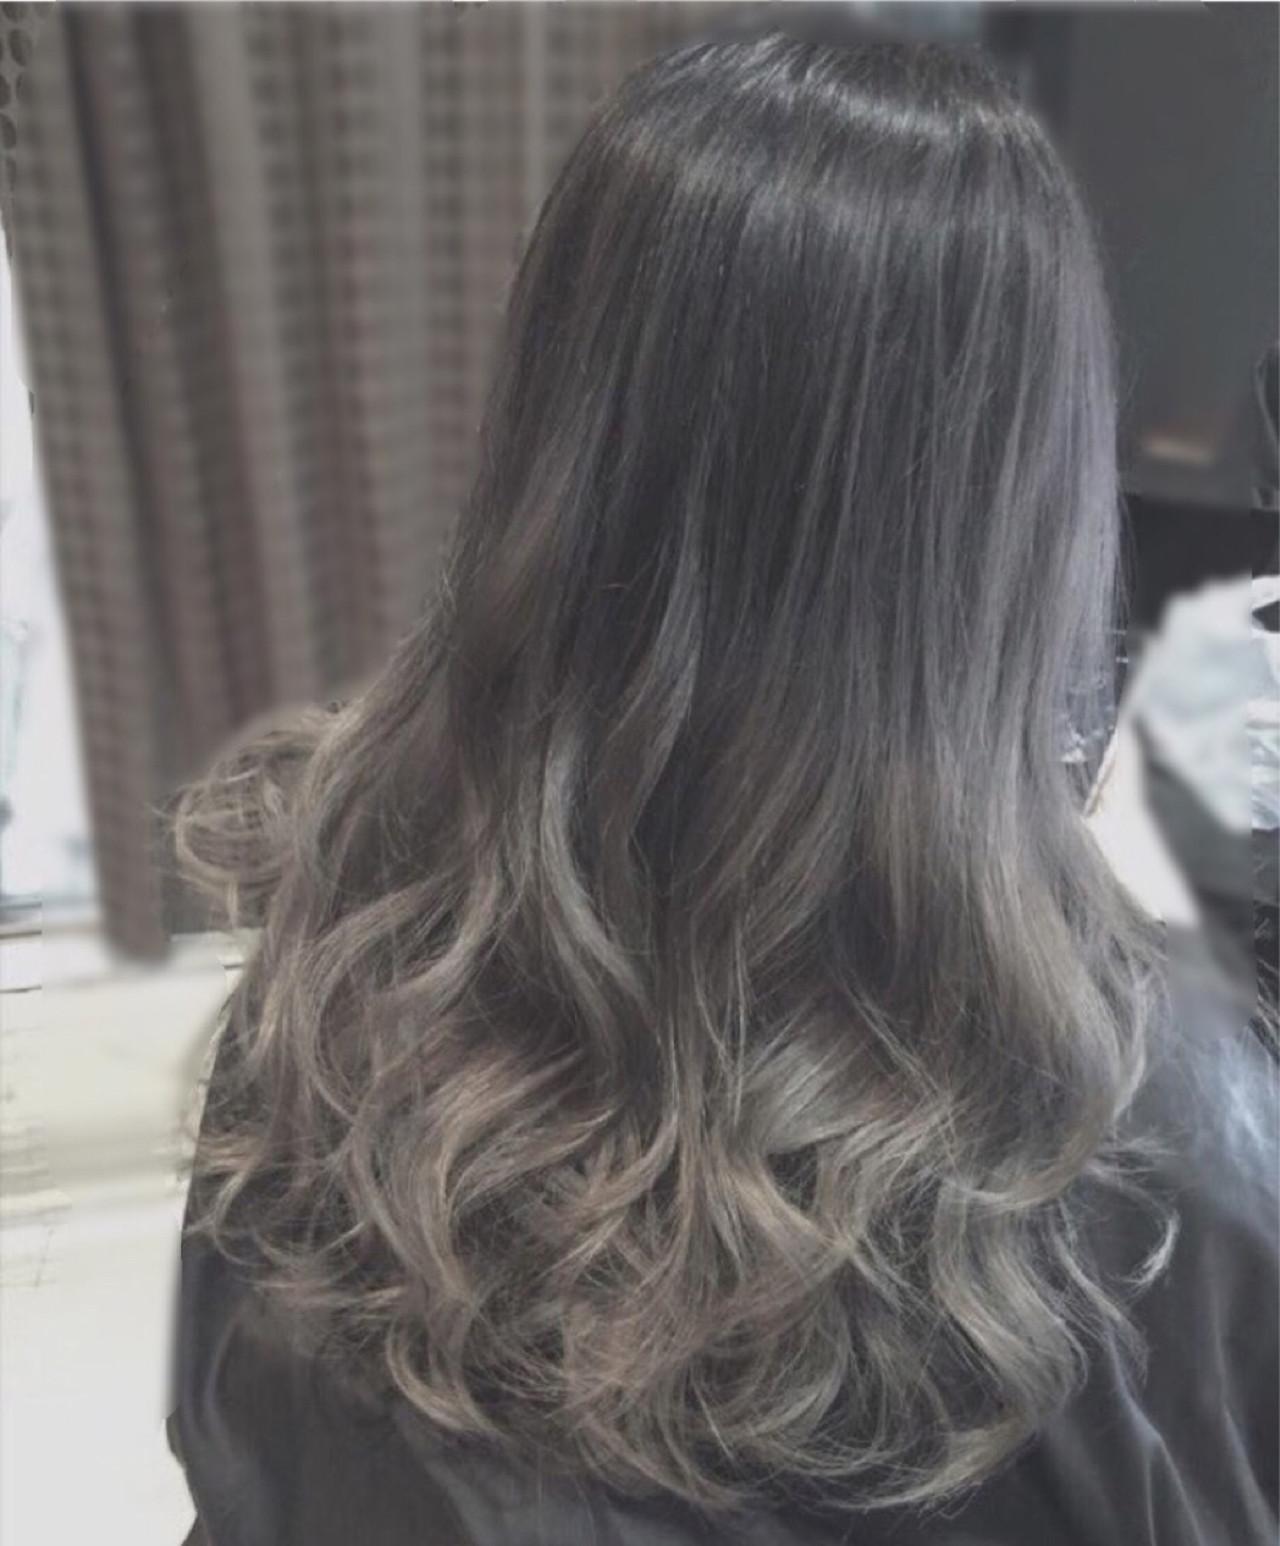 セミロング 外国人風 グラデーションカラー アッシュヘアスタイルや髪型の写真・画像